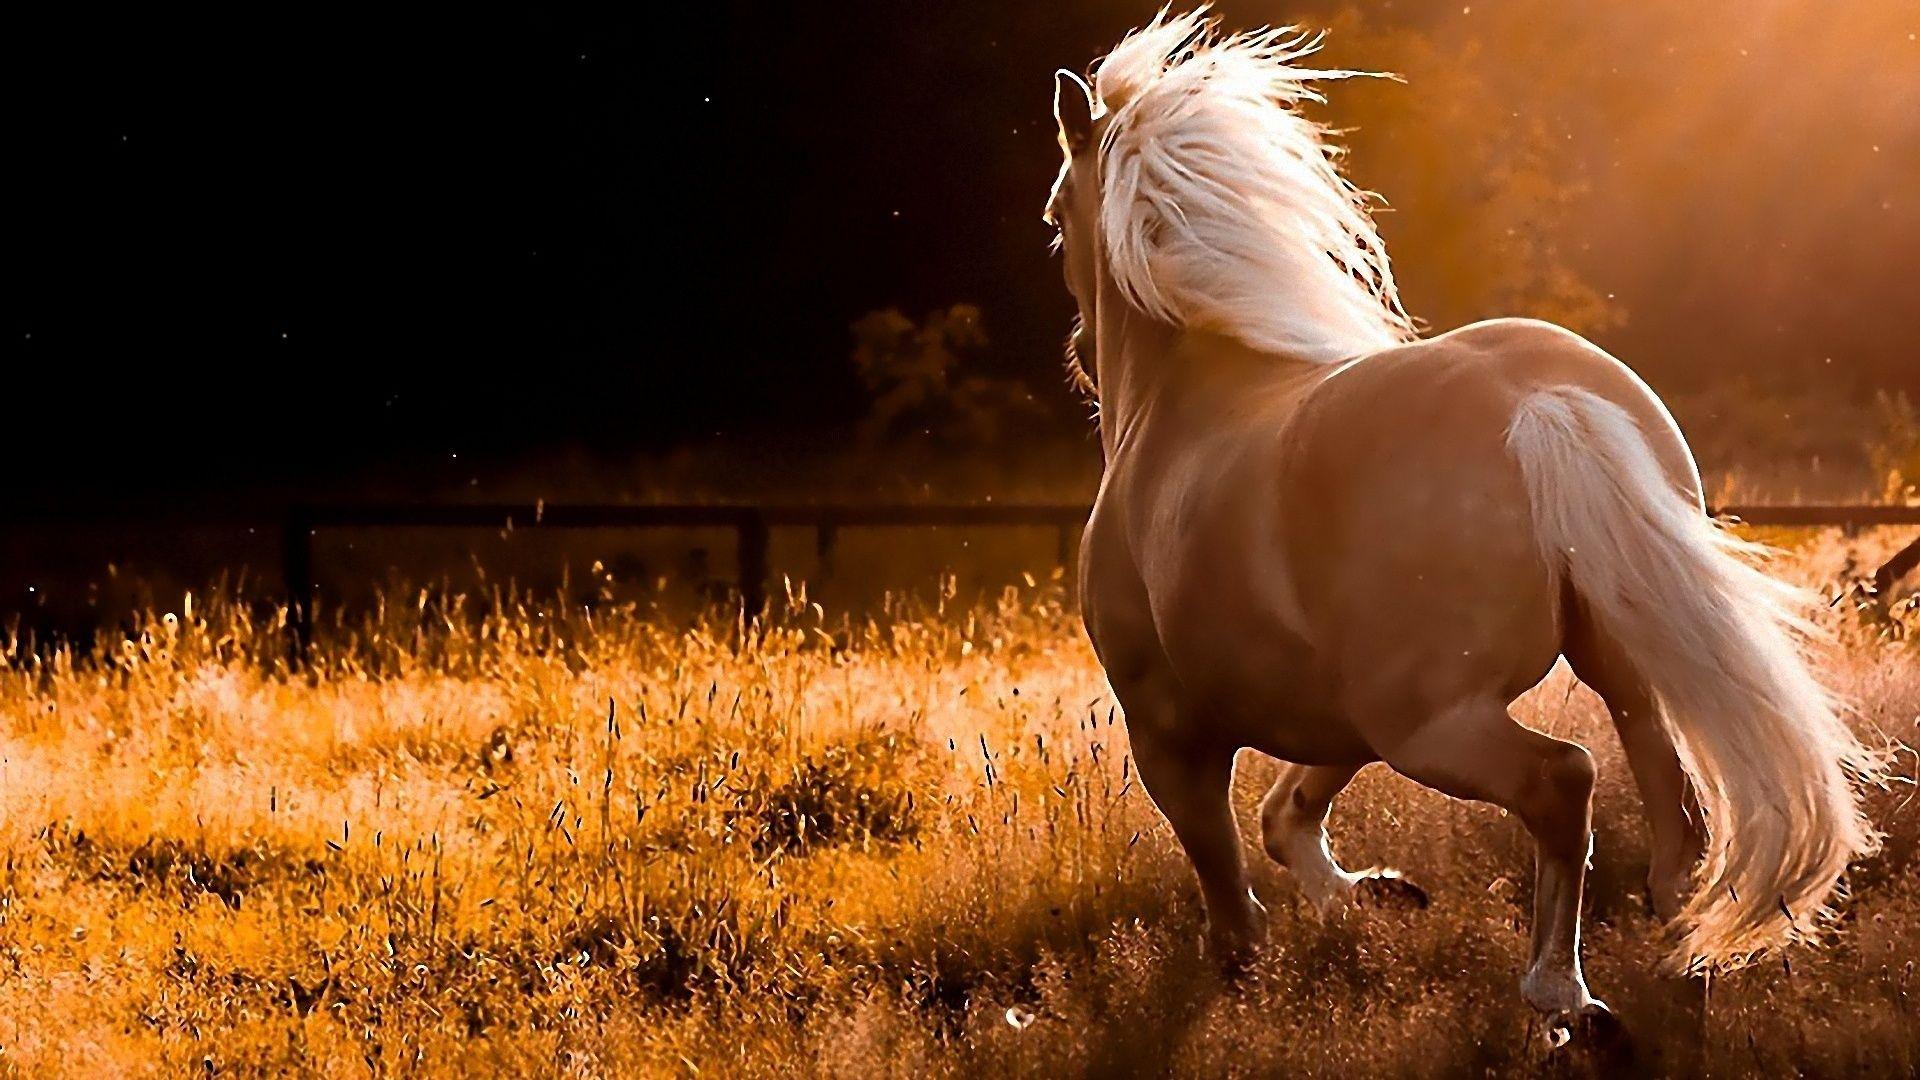 free wallpaper horses